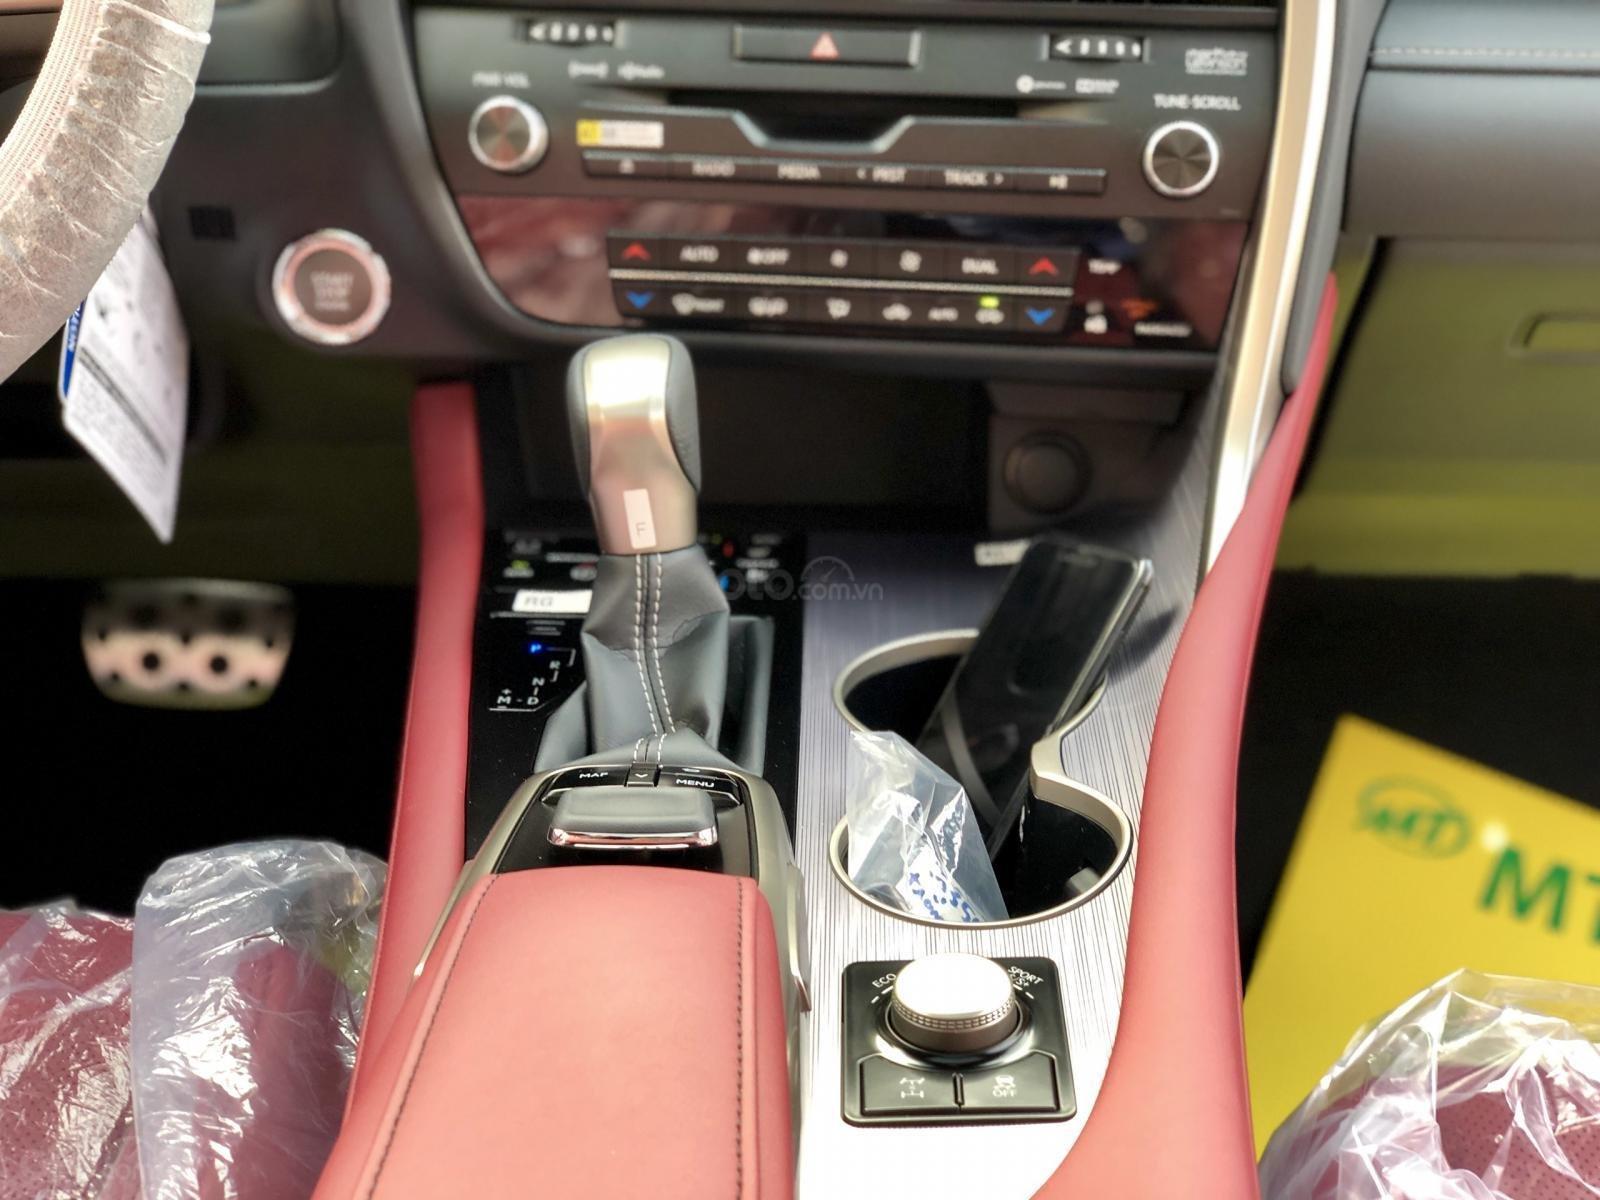 Bán Lexus RX 350 Fsport năm 2020, nhập Mỹ giao ngay toàn quốc, giá tốt, LH Ms Hương 094.539.2468 (14)